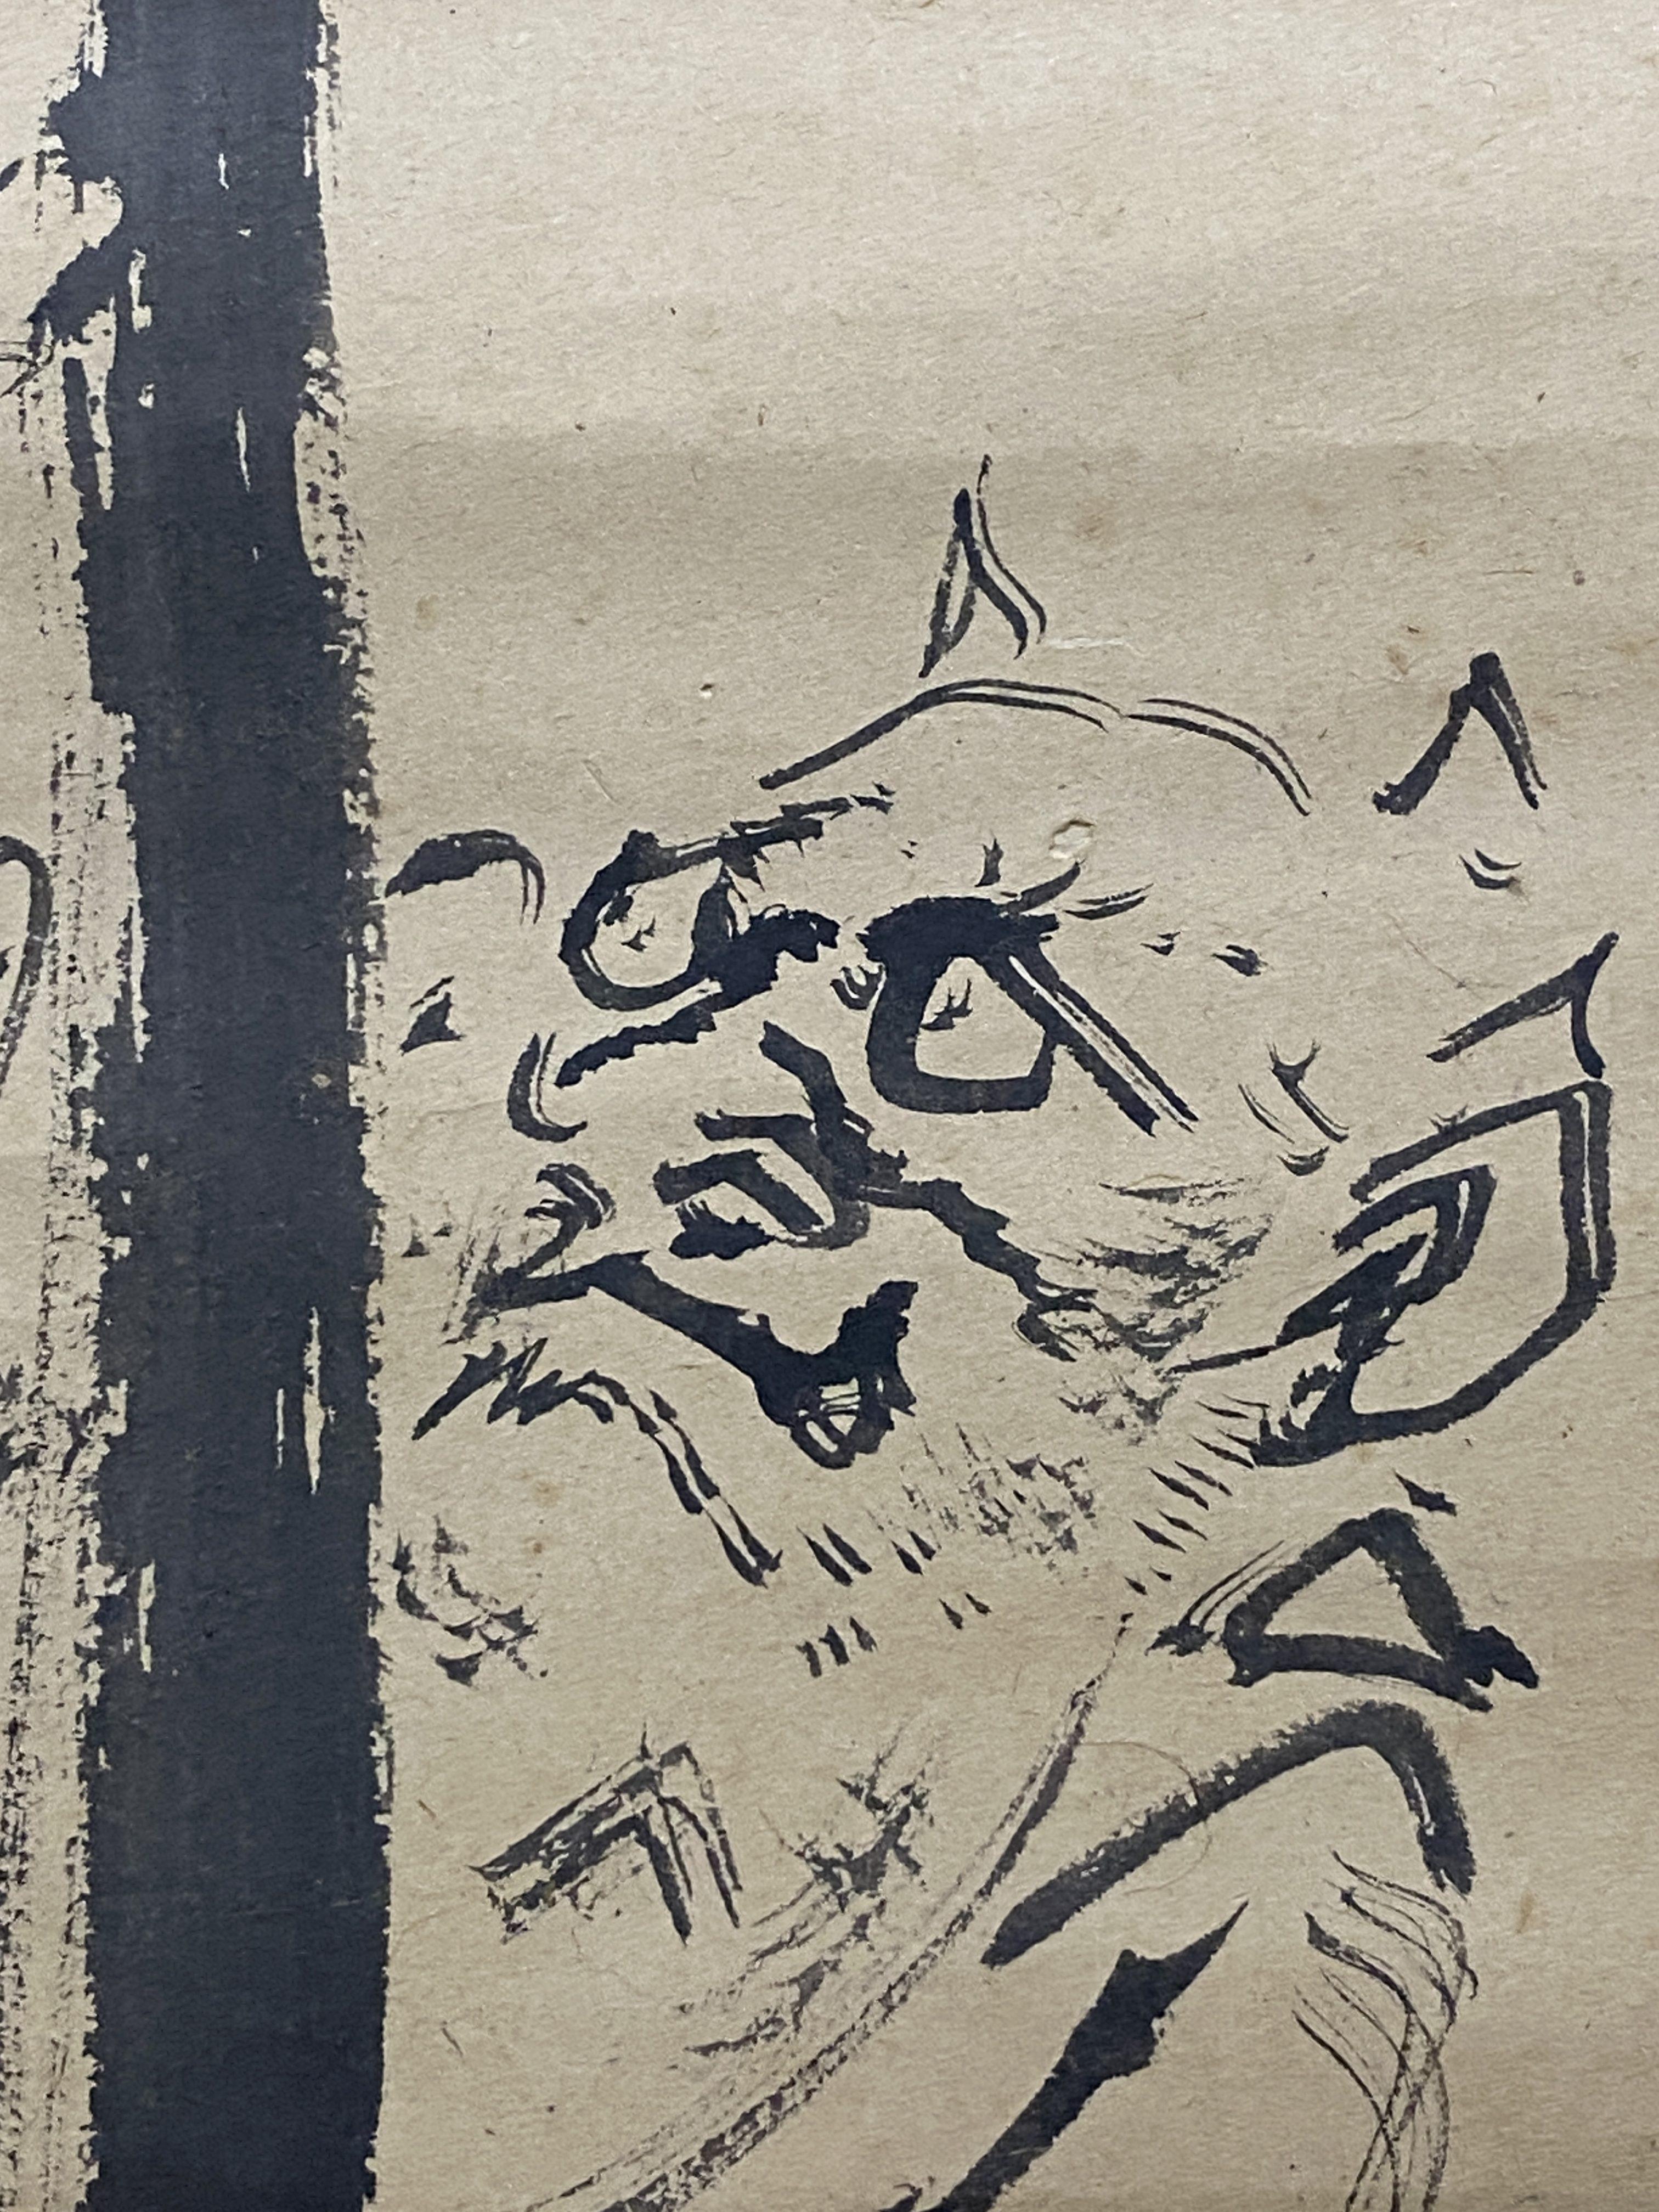 川端玉章、江村隆章 合作 鬼と三味線図